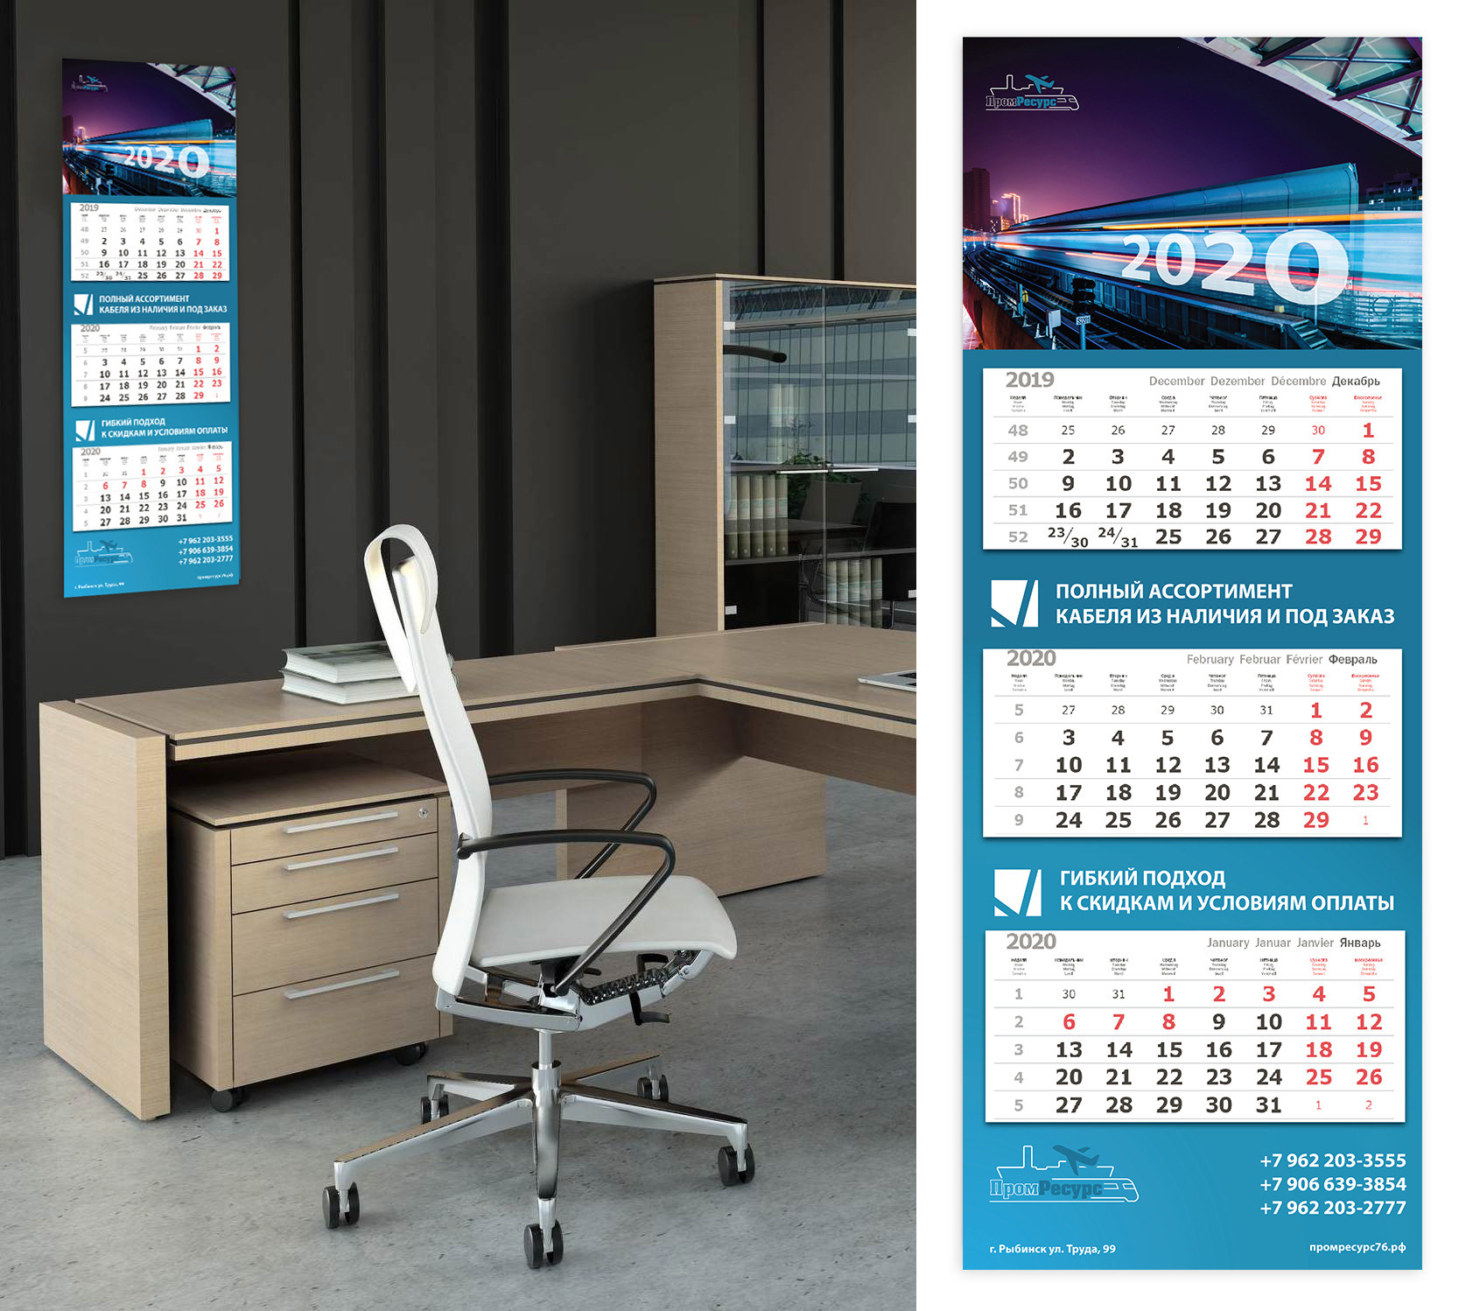 календари кабель